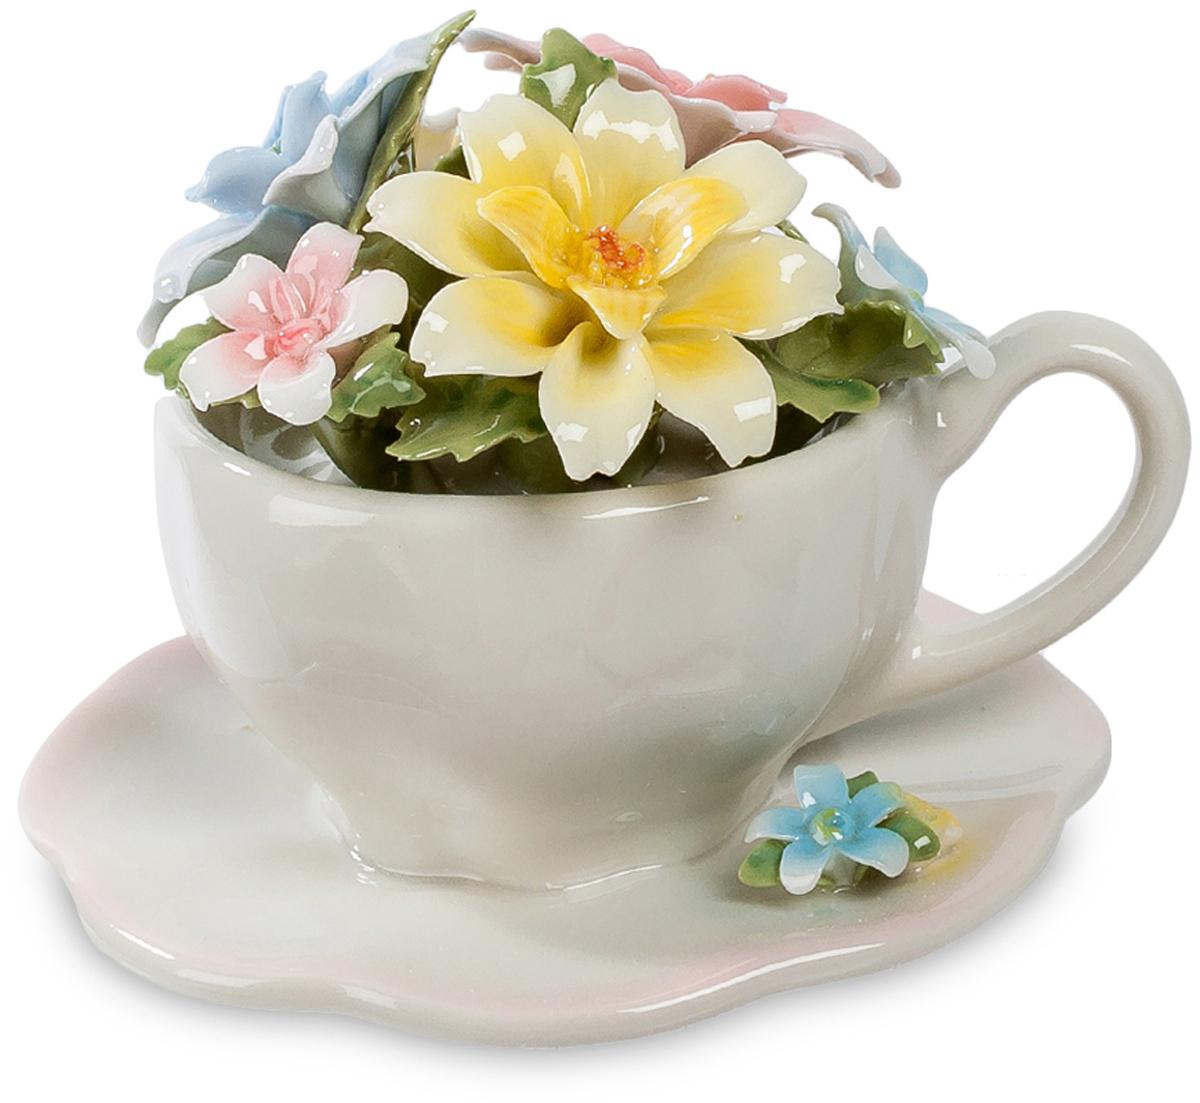 Композиция Pavone Чаша. Весенние цветы. CMS-33/41CMS-33/41Композиция чаша Весенние цветы (Pavone) В чем может расположиться цветочная композиция? В вазе, в корзине – это привычно. А эта подборка ярких весенних цветов нашла себе место в чашке! Обычной чайной чашке с блюдечком, из аккуратного розового фарфора. Но для чаепития она явно не подойдет, ее назначение – радовать всех окружающих красотой цветов. Фарфоровые лепестки напоминают живые, на столе такой букетик будет прекрасно заметен, но не заслонит участников чаепития друг от друга. Превосходный подарок, который украсит комнату, а на праздники станет главной цветочной композицией, найдя себе место среди обычных чашек с чаем.